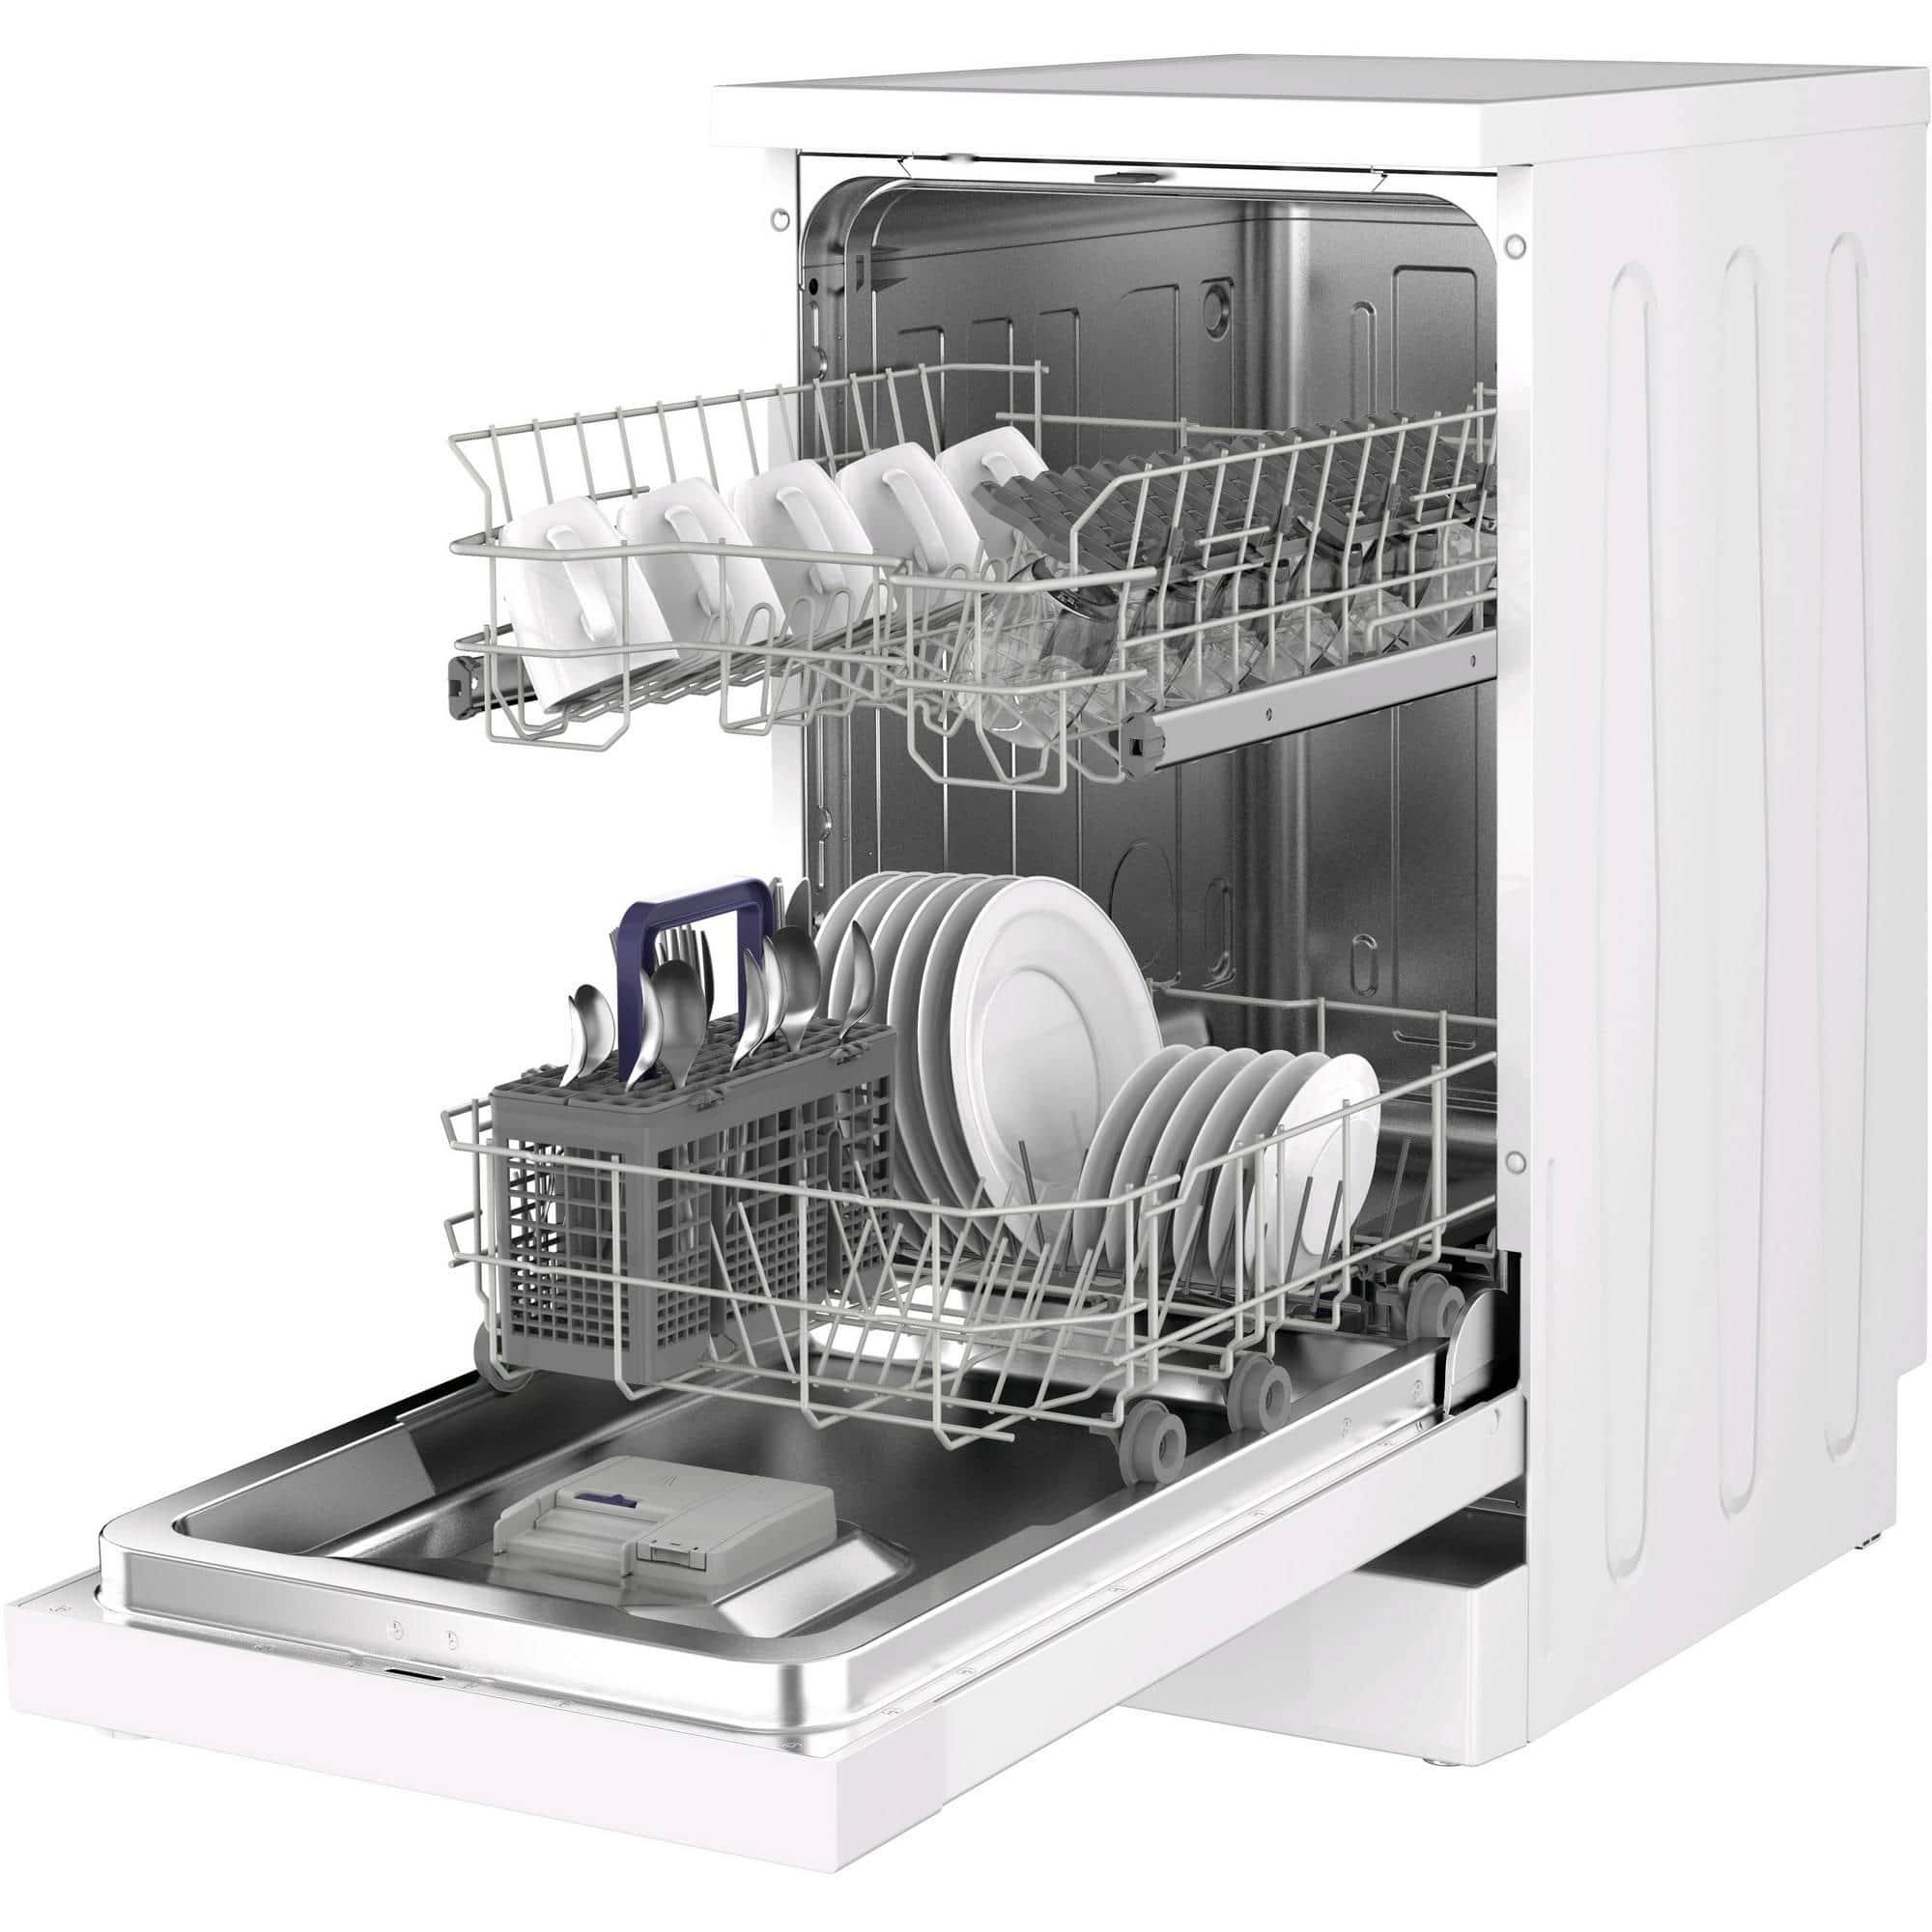 Beko Slimline Dishwasher 10 Place